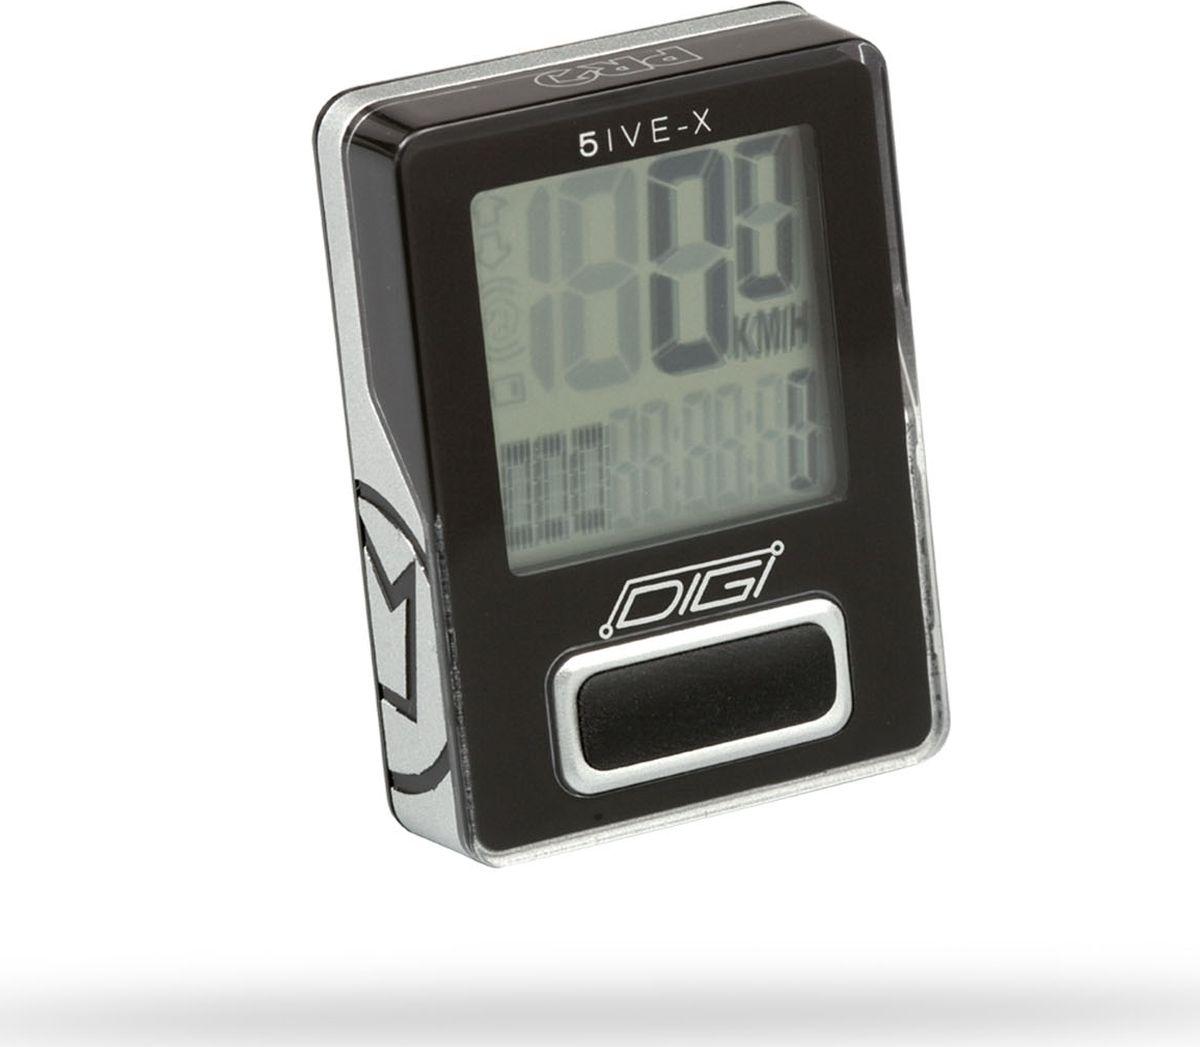 Велокомпьютер Pro Digi 5IVE, беспроводной, 5 функций, цвет: черныйPRCC0006Функции: текущая скорость, текущее расстояние, часы с секундомером, точность скорости до десятых долей (0,1 км/ч), точность дистанции до 10 метров (0,01 км)